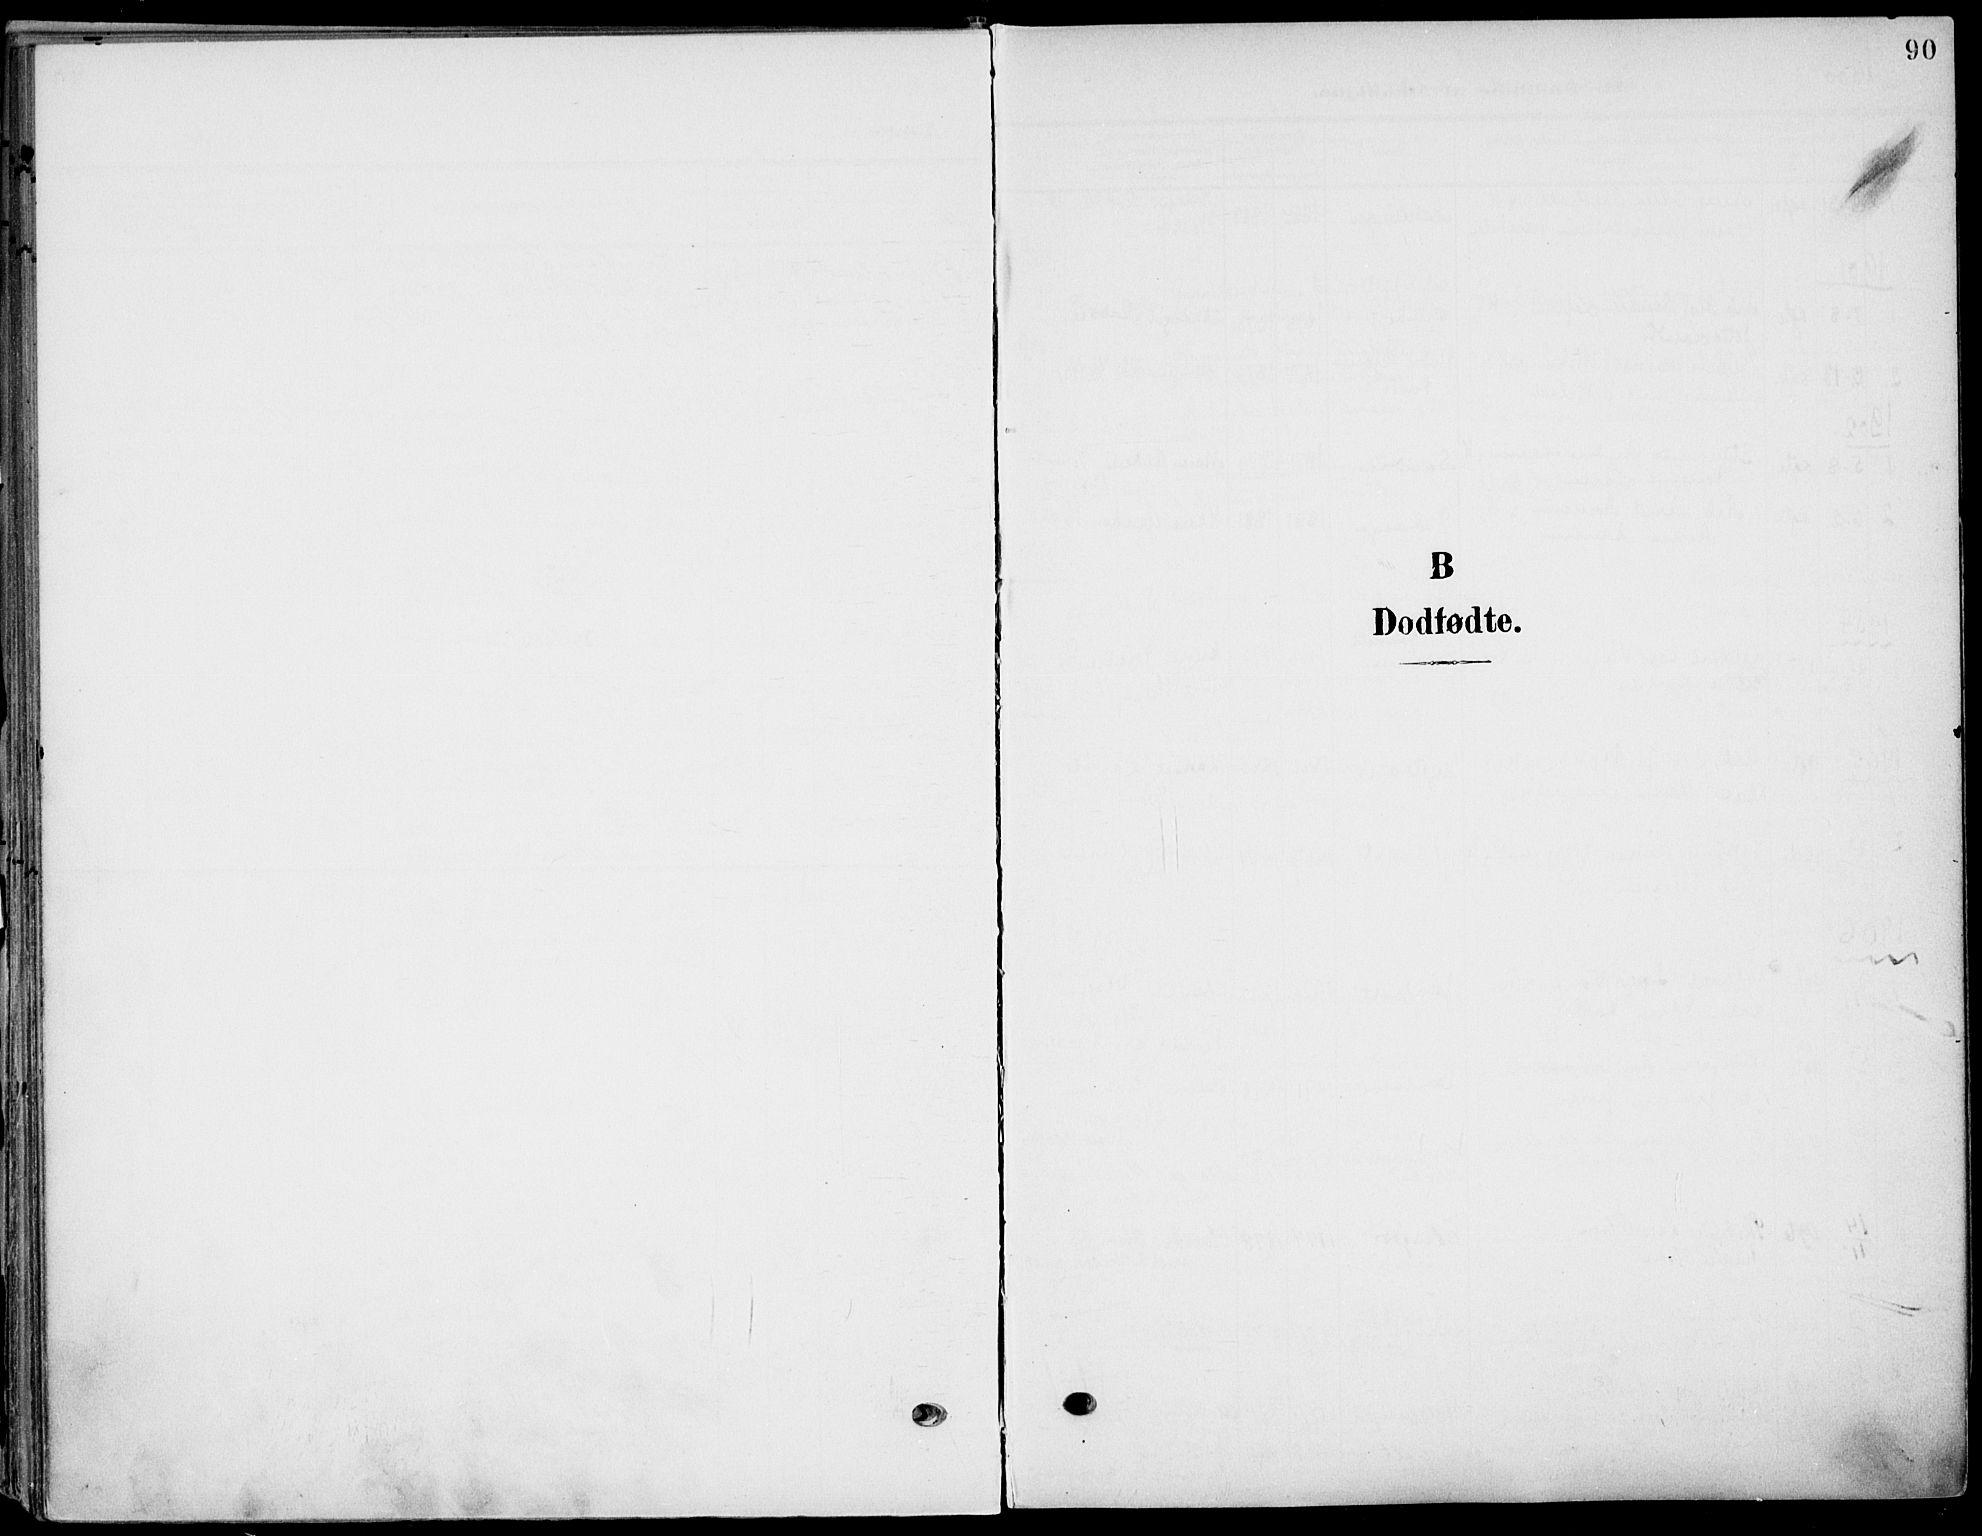 SAKO, Eidanger kirkebøker, F/Fa/L0013: Ministerialbok nr. 13, 1900-1913, s. 90